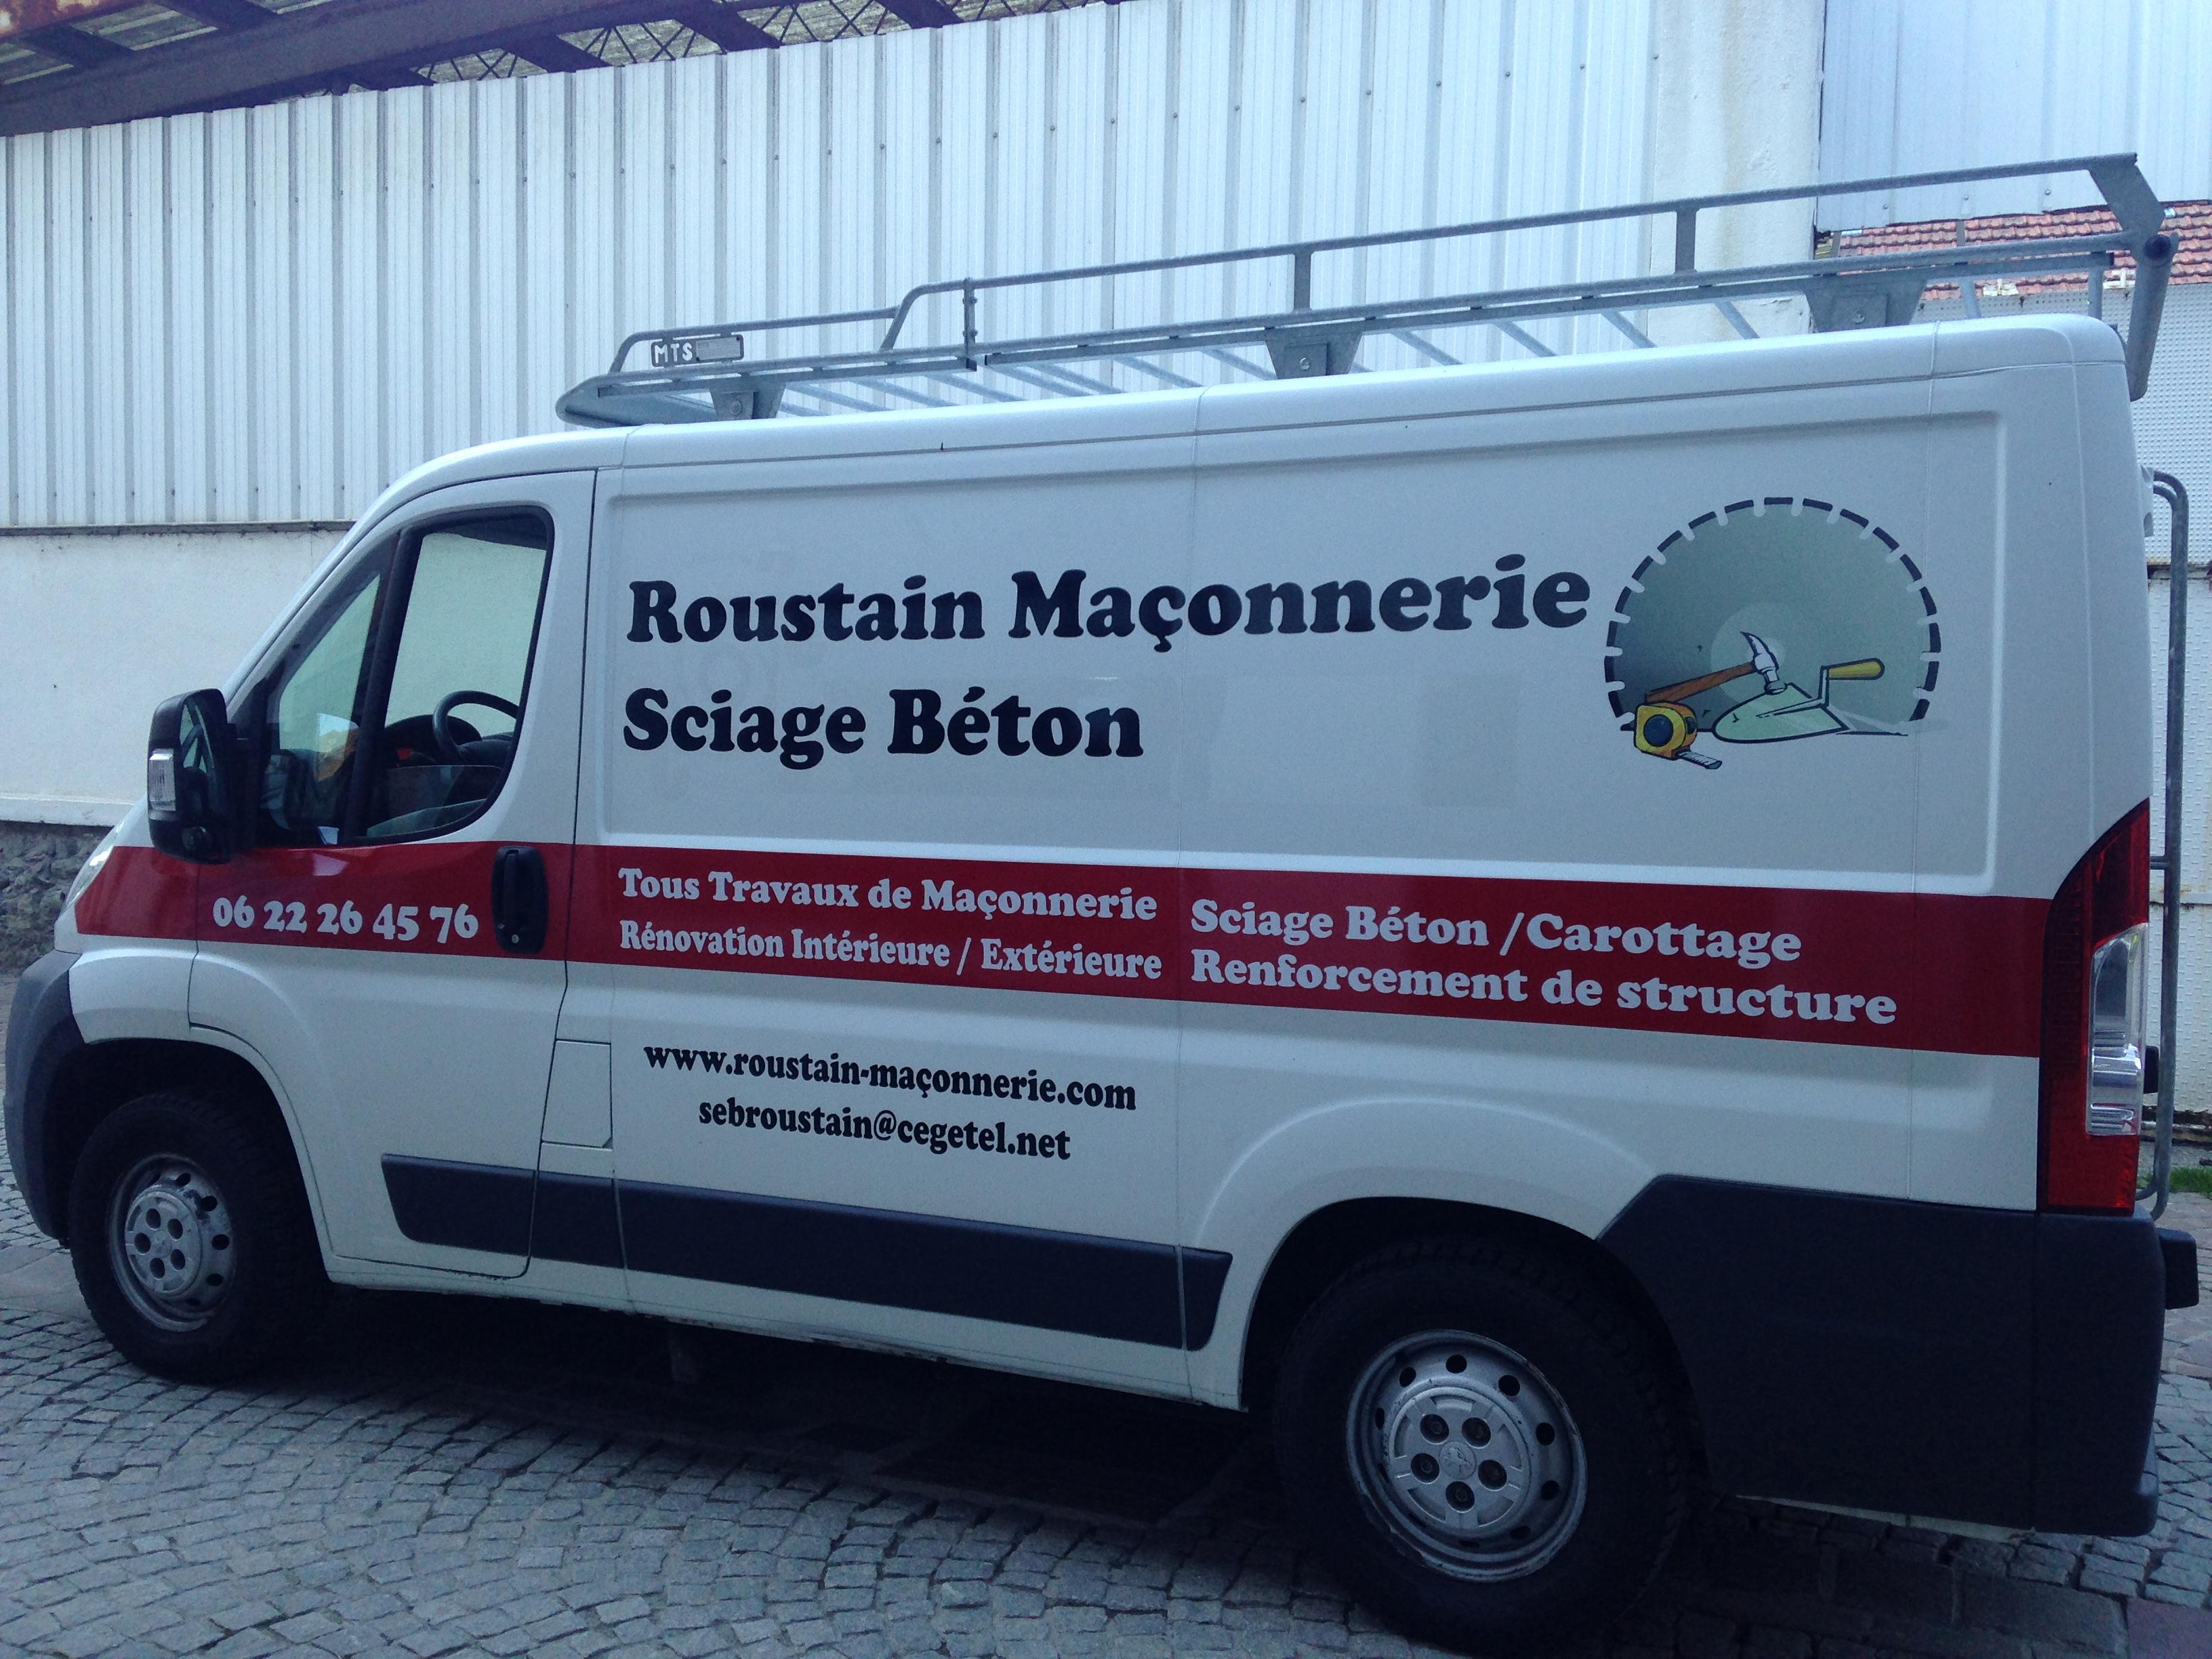 Roustain Maçonnerie Sciage Béton